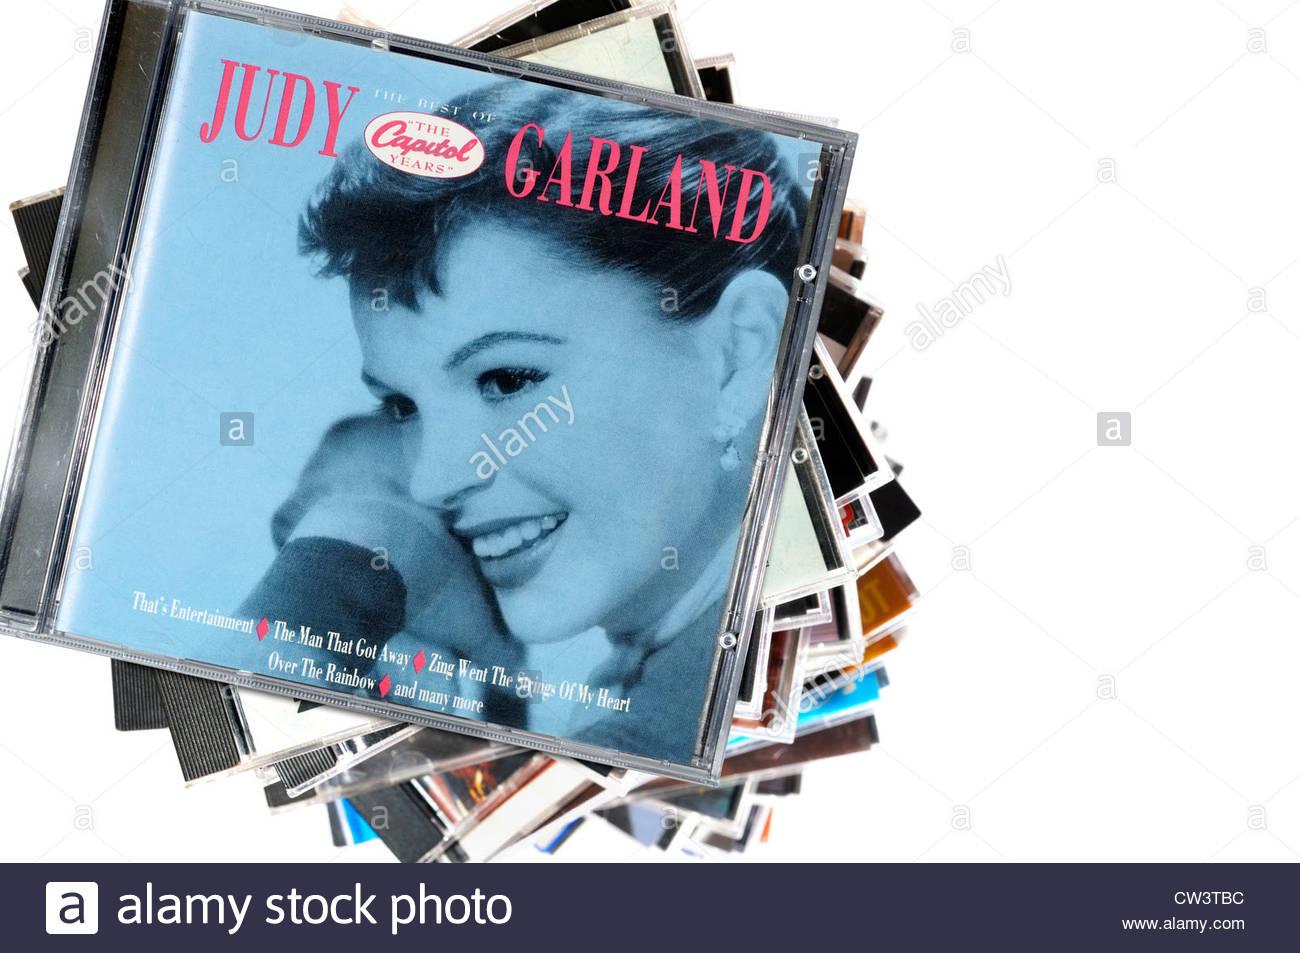 American Actress Singer Judy Garland Stock Photos & American Actress ...